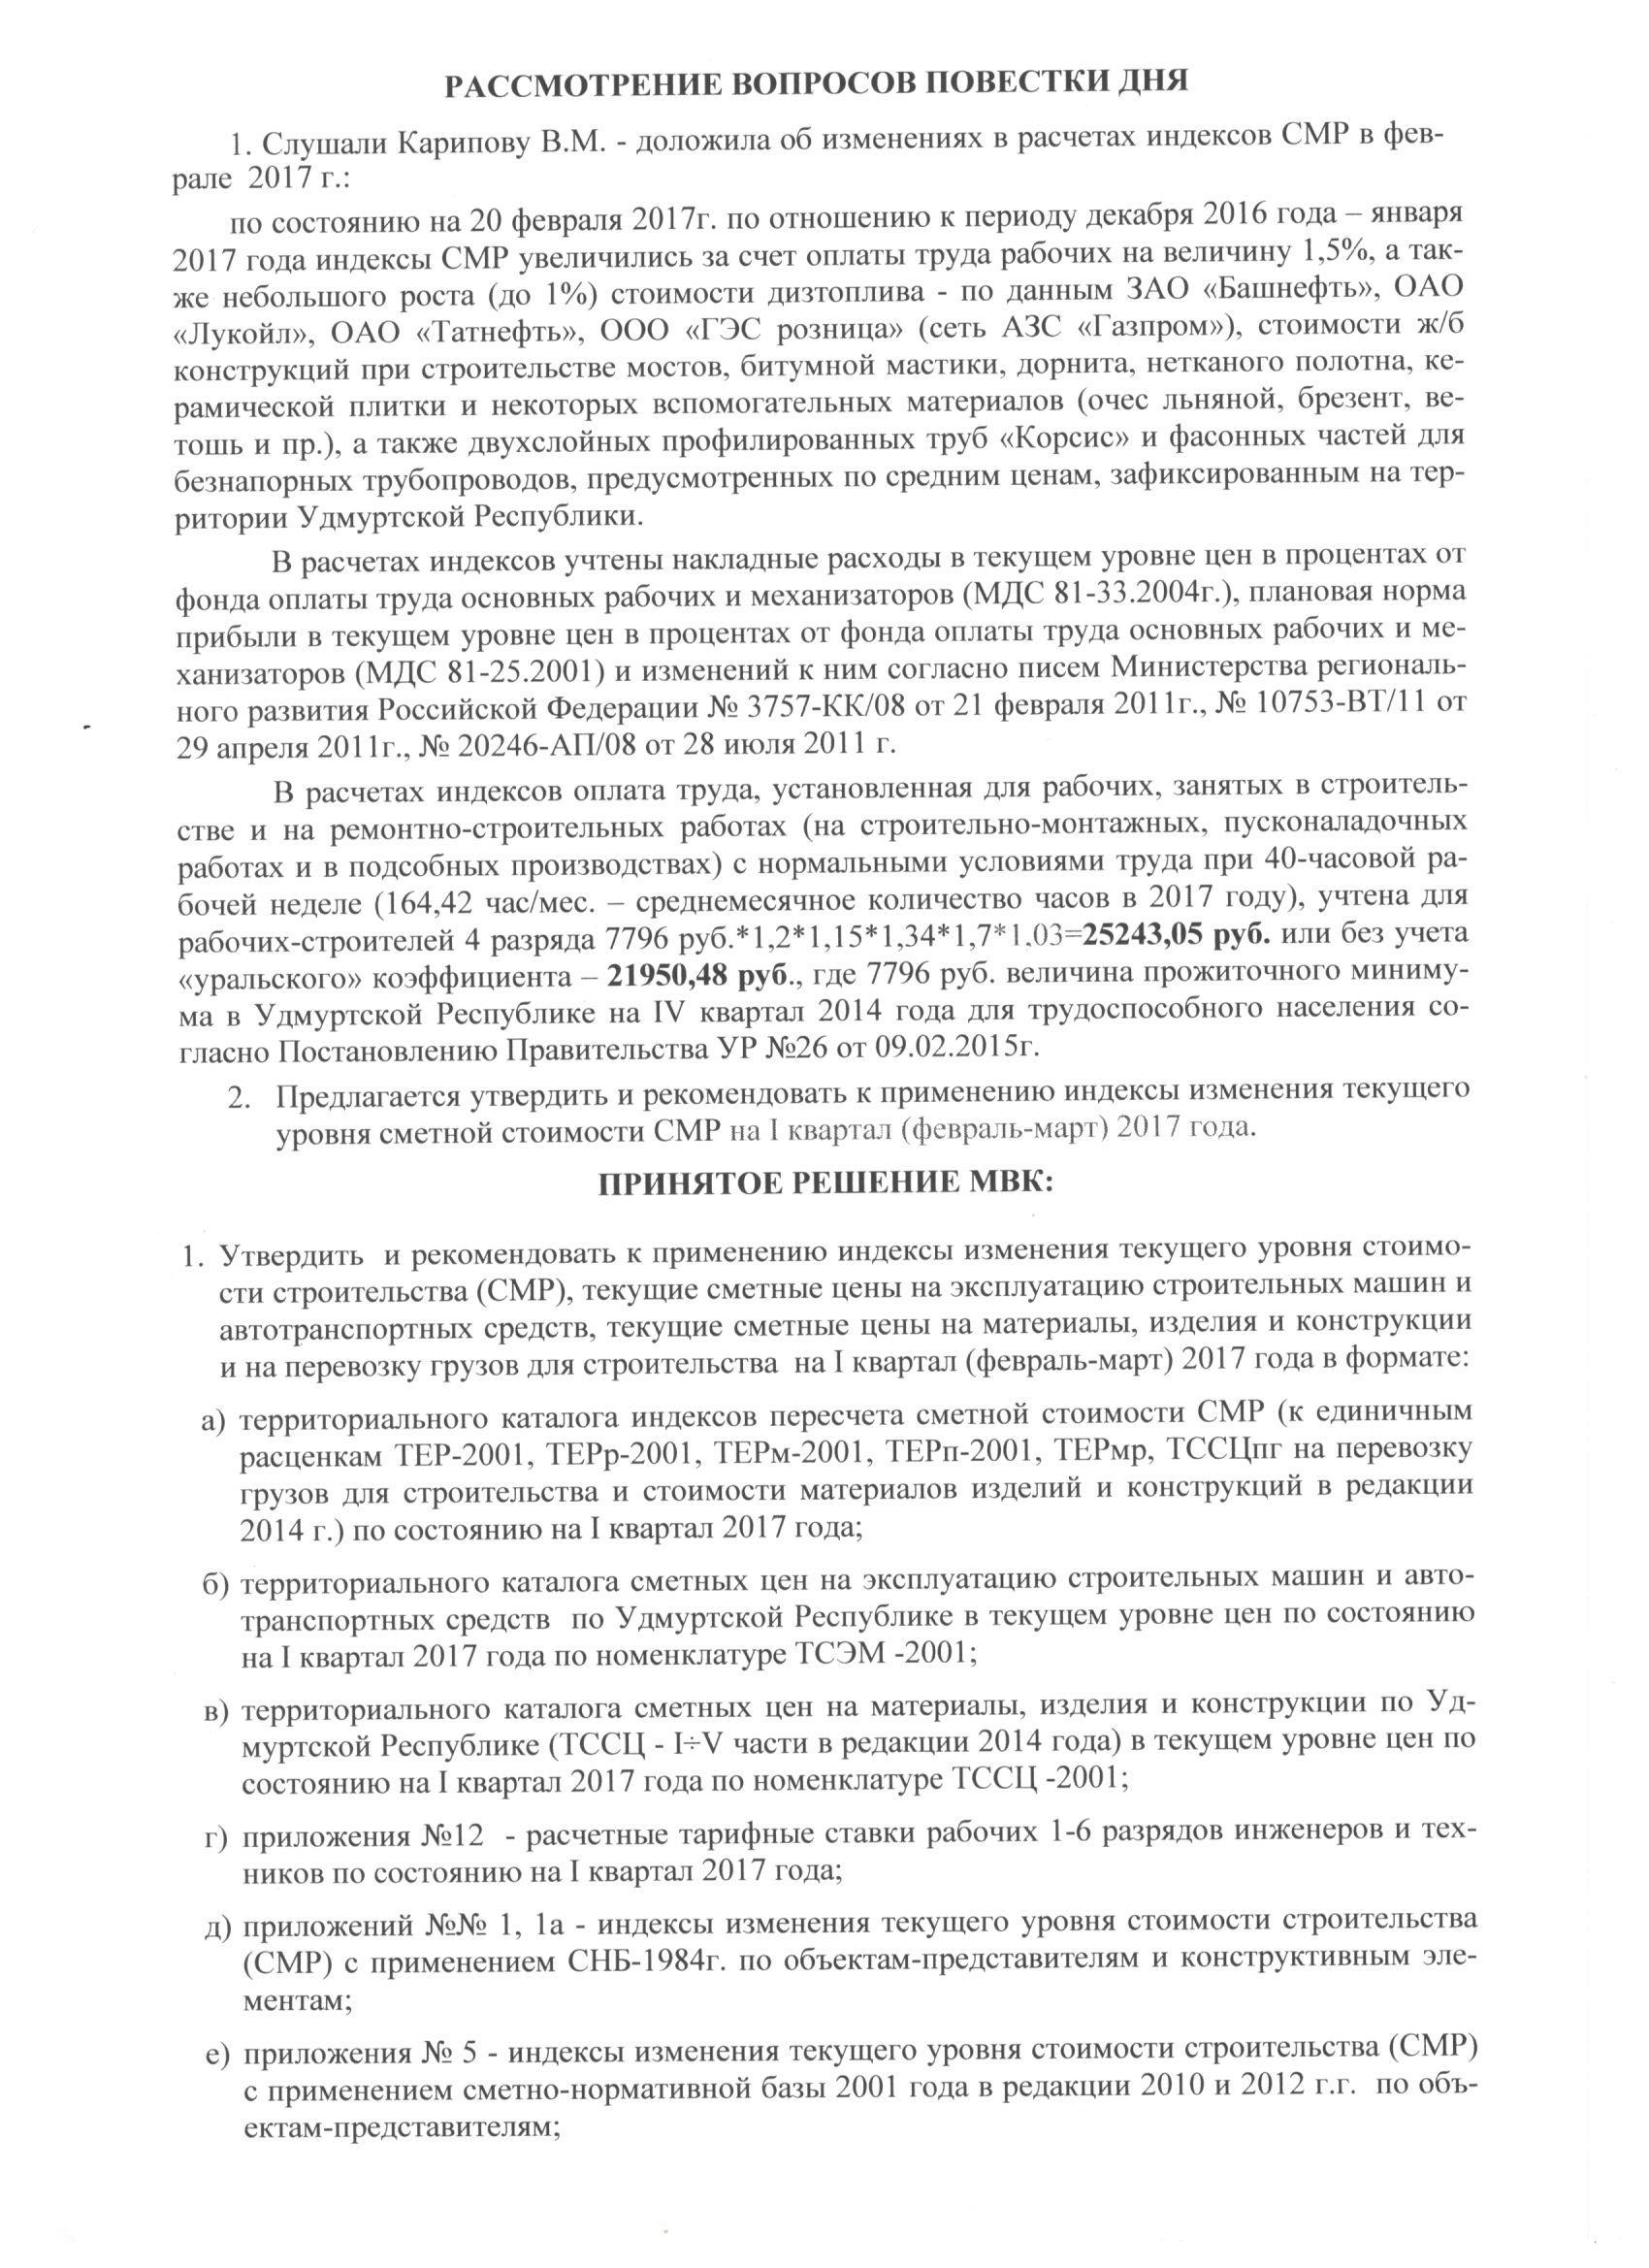 Protokol-2017-1-2